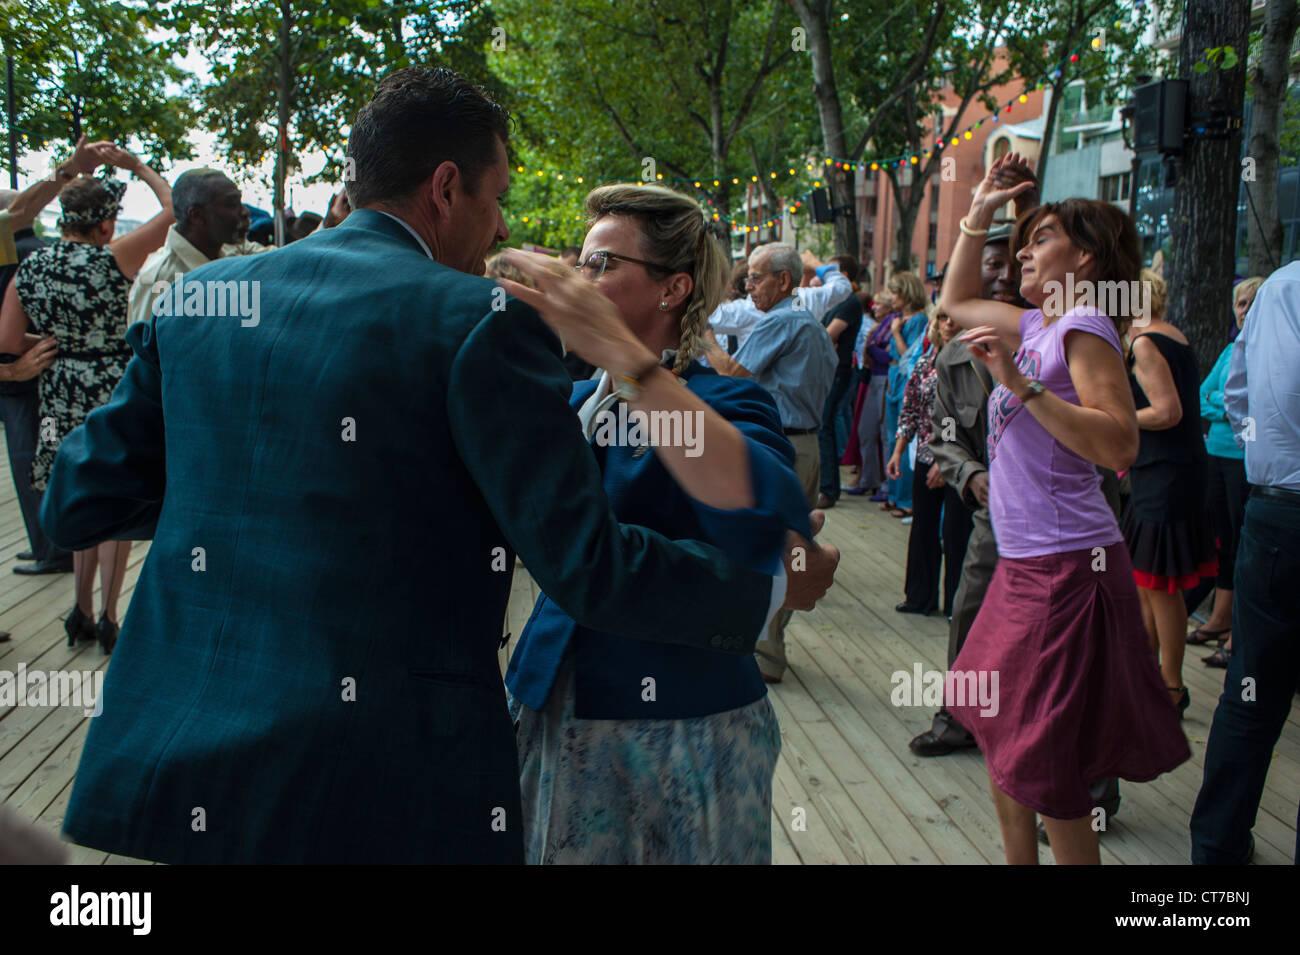 Paris, France, Public Events, Couples Dancing Rock'n'Roll on Seine River, Quai at 'Paris Plages' - Stock Image